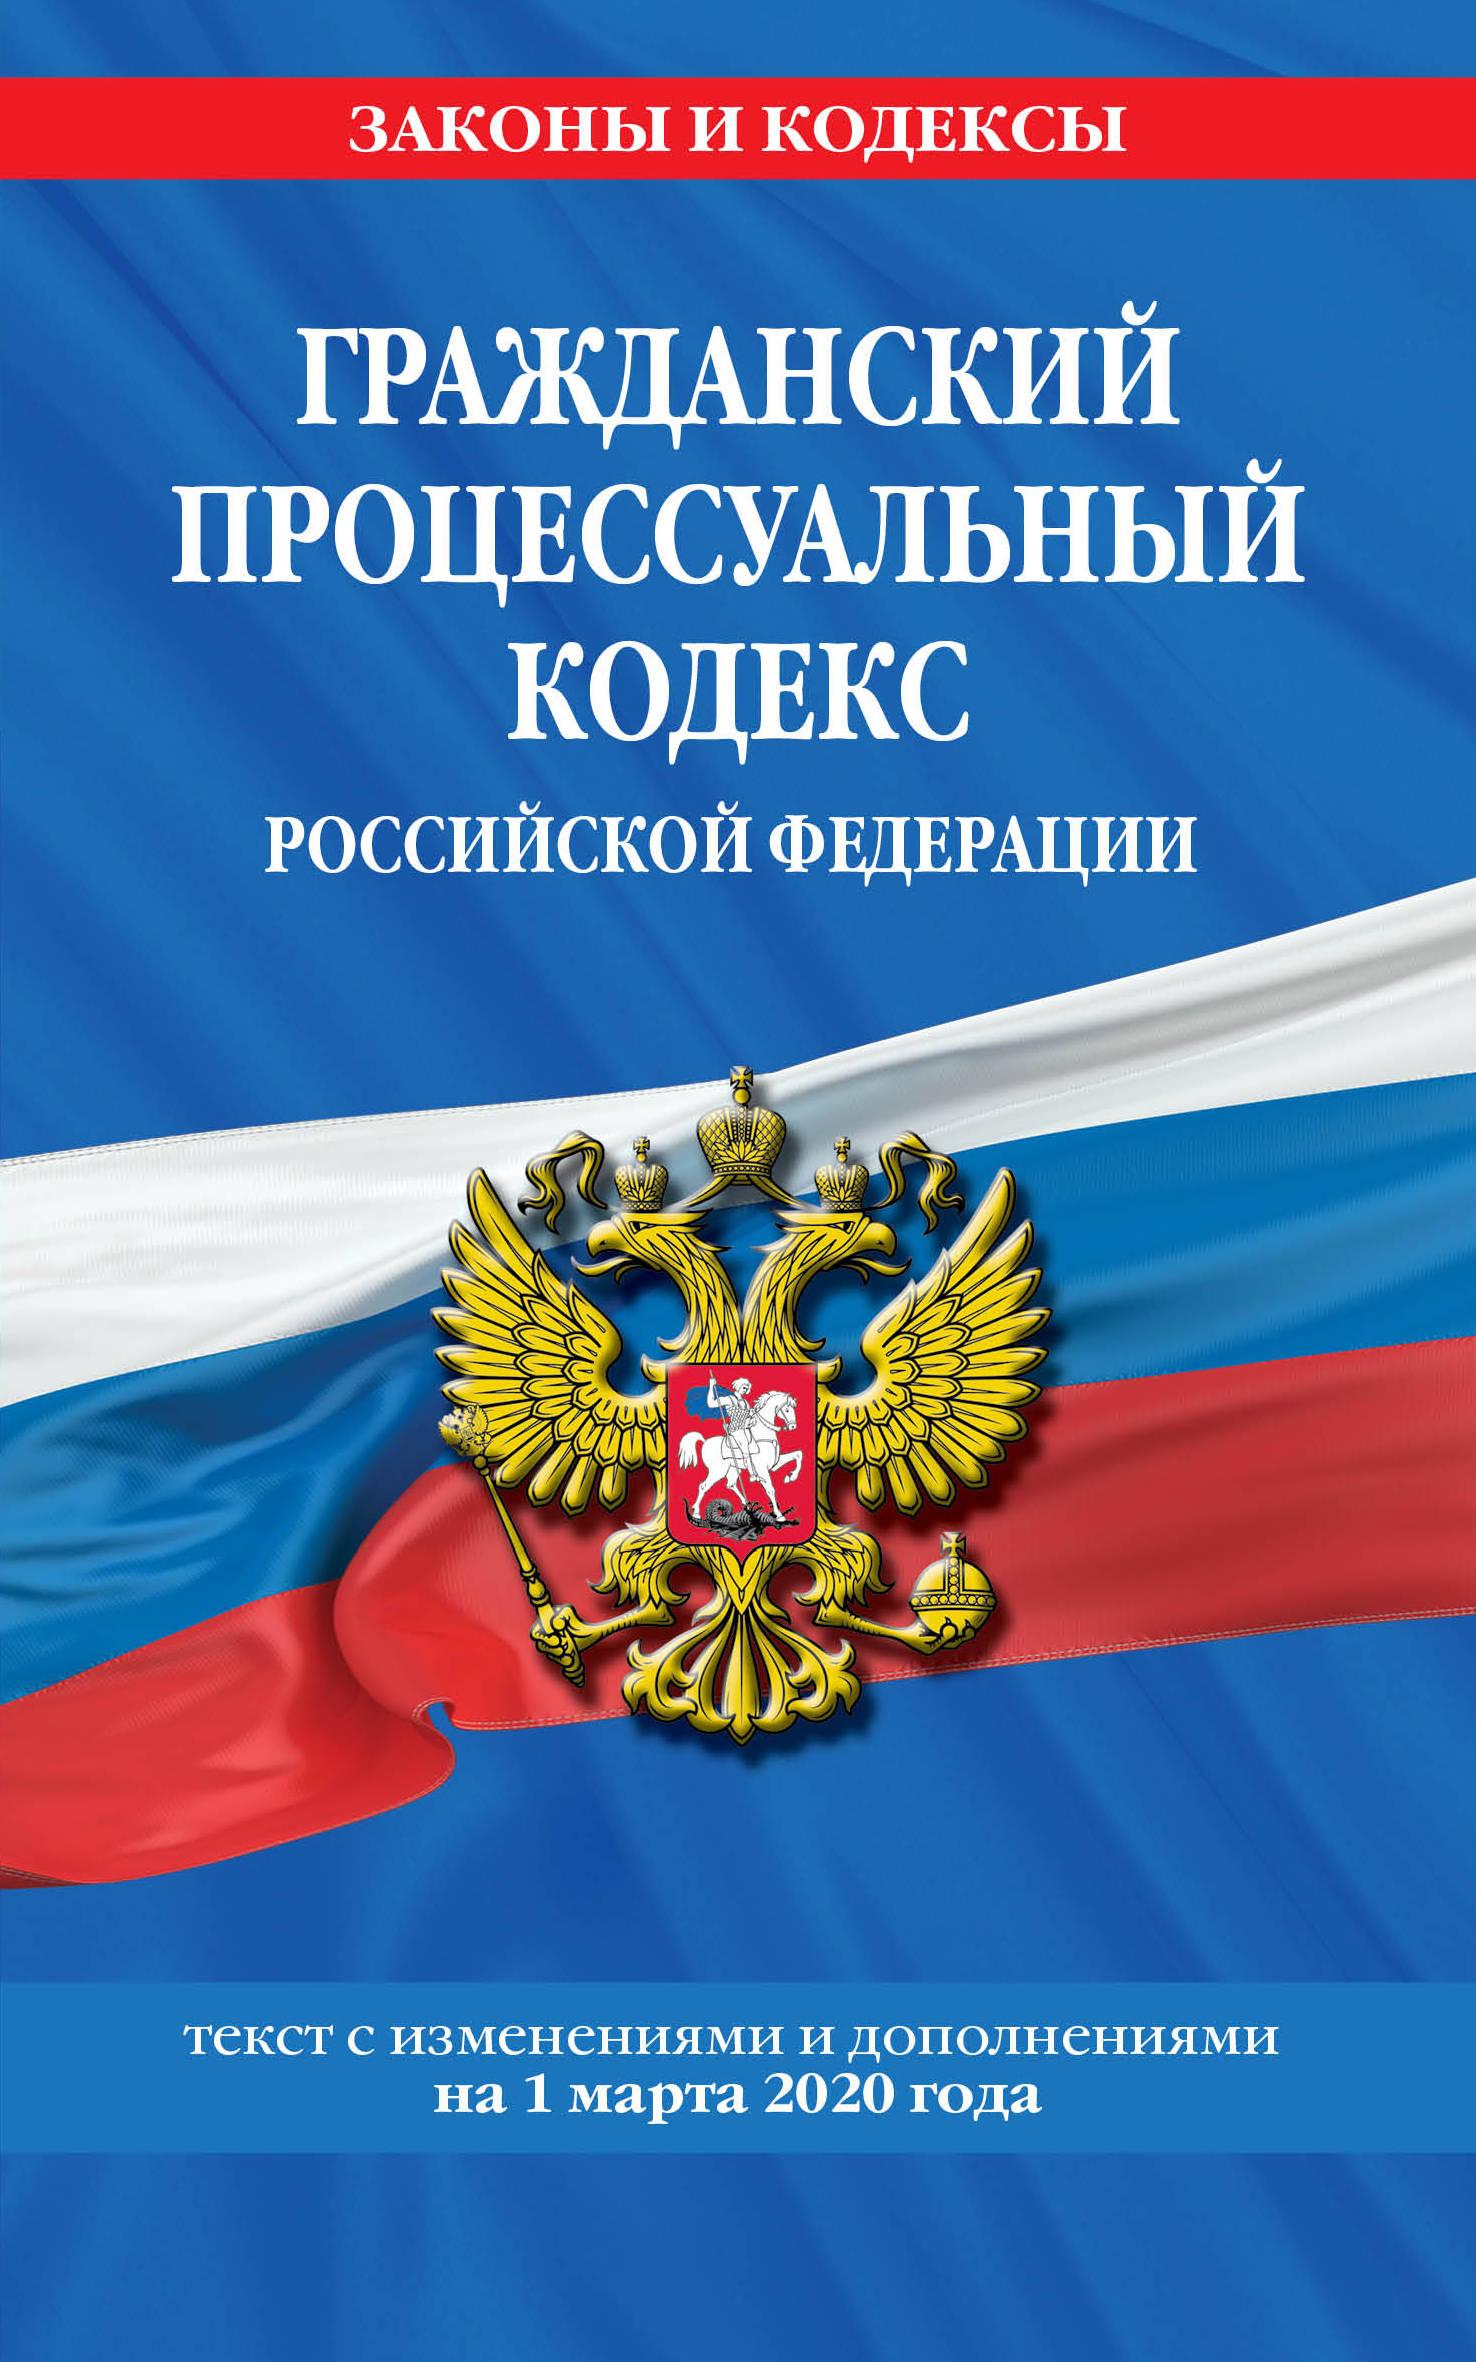 Гражданский процессуальный кодекс Российской Федерации: текст с изменениями и дополнениями на 1 марта 2020 г.